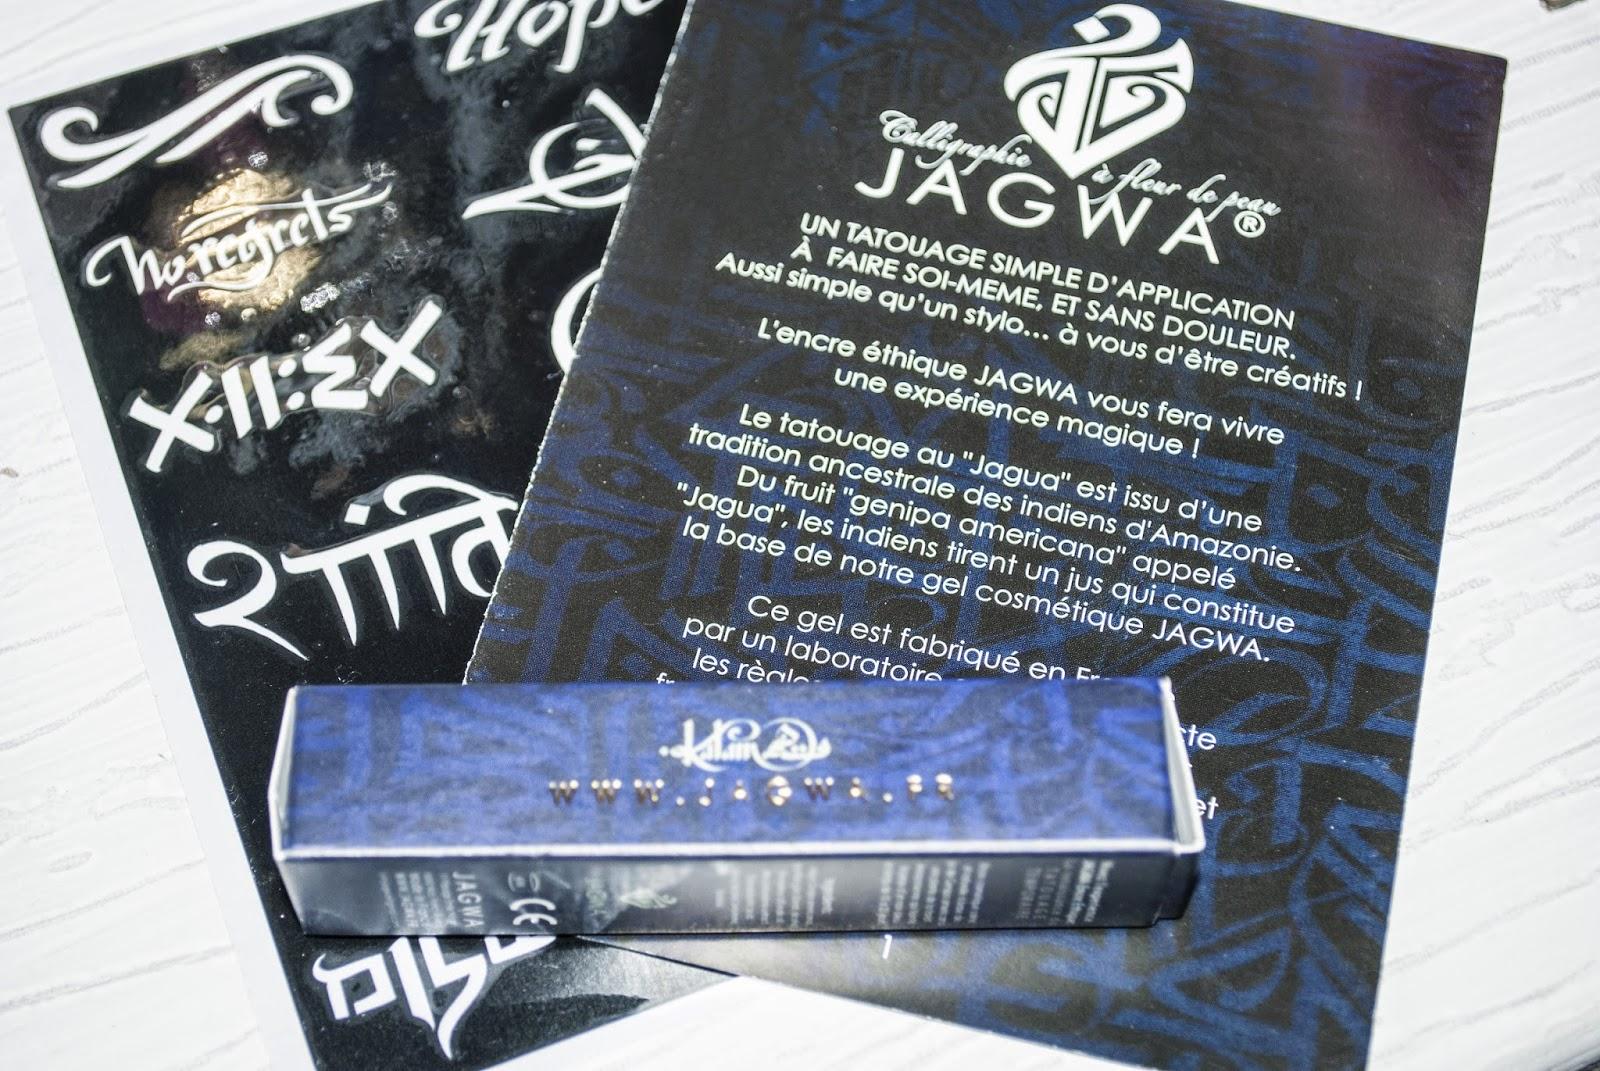 tatouage ephemere toulouse - Jagwa Calligraphie à fleur de peau Toulouse vip